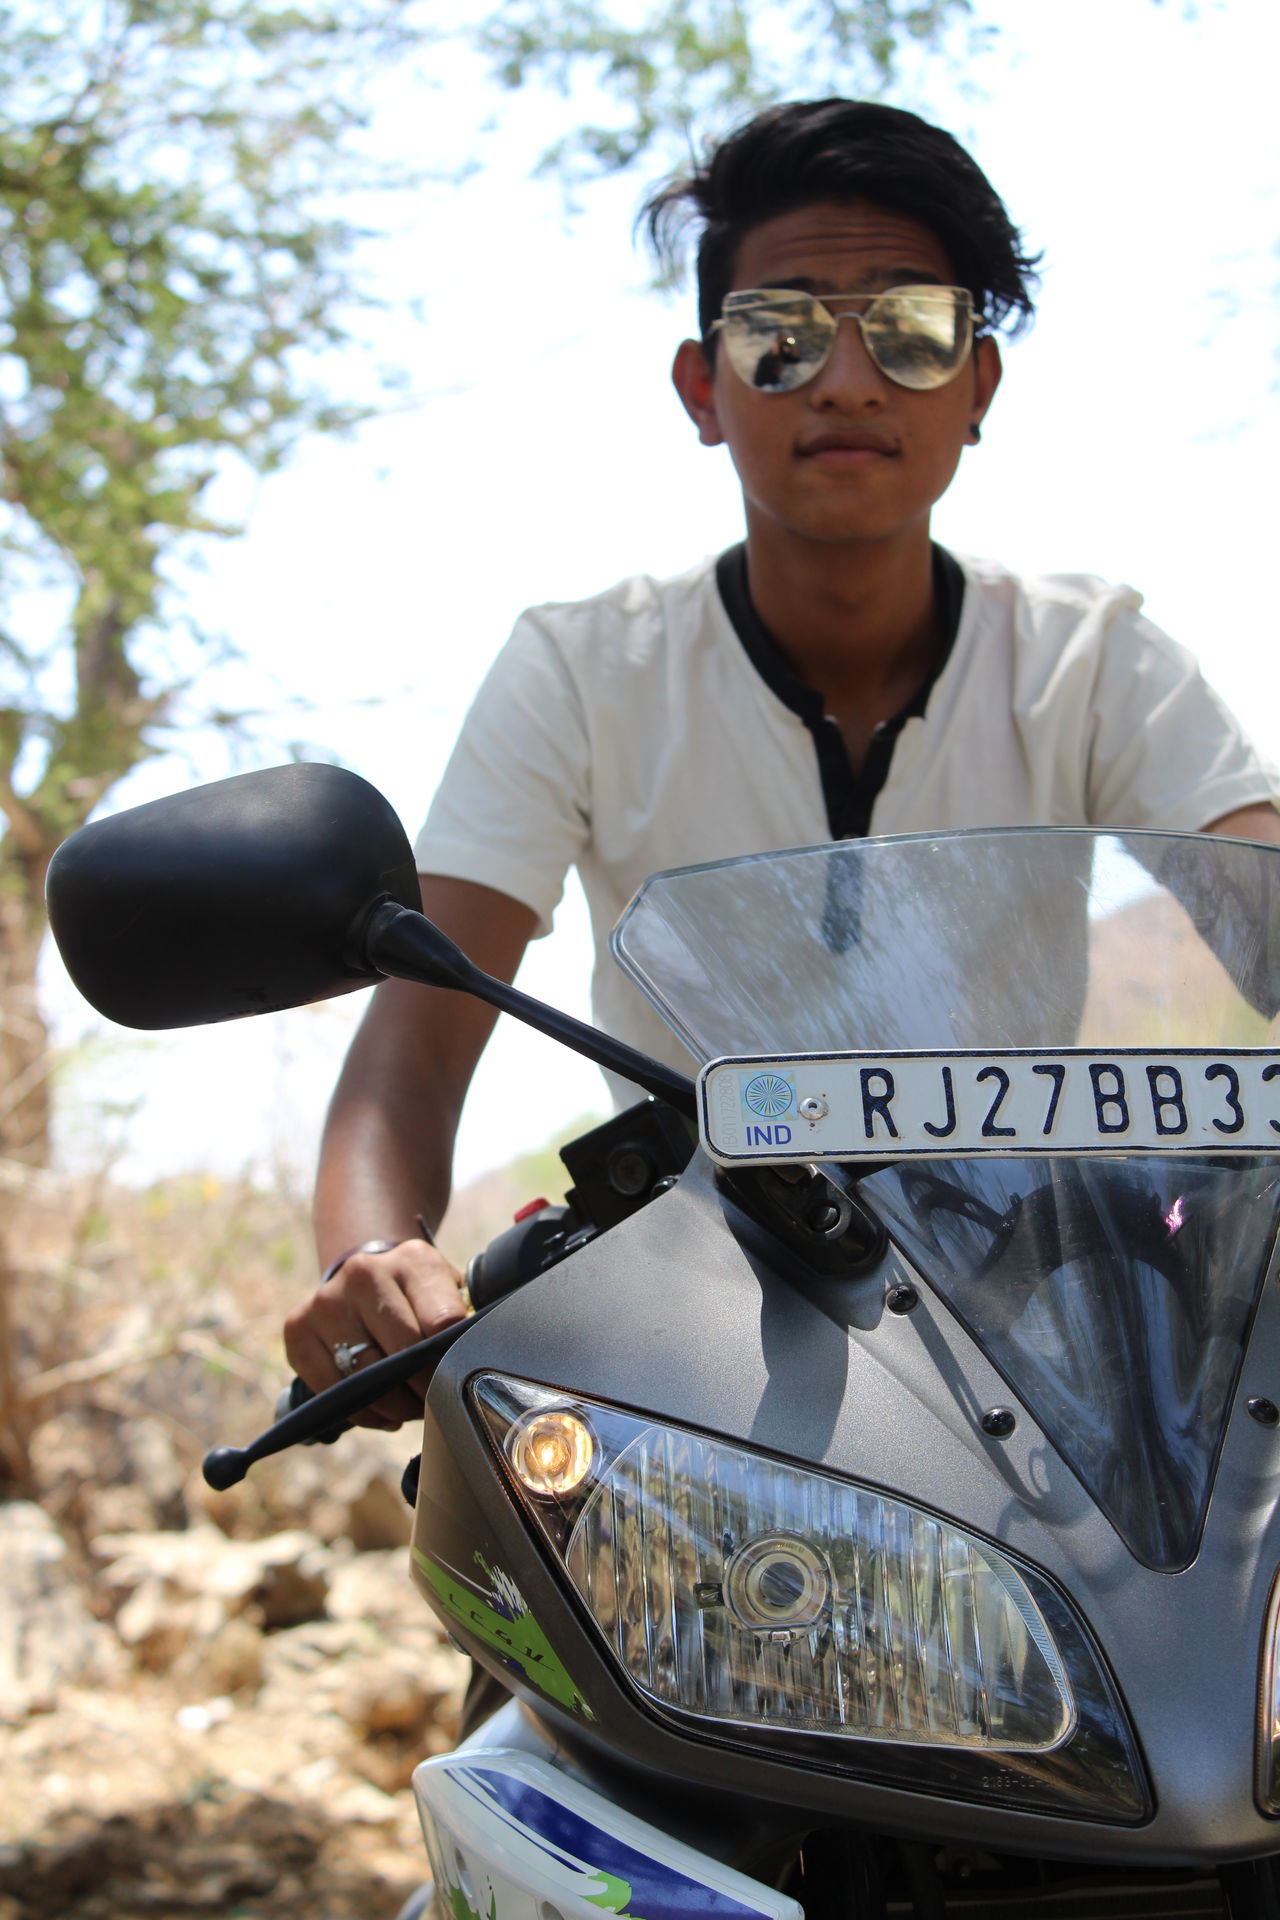 Bikestagram Biketour